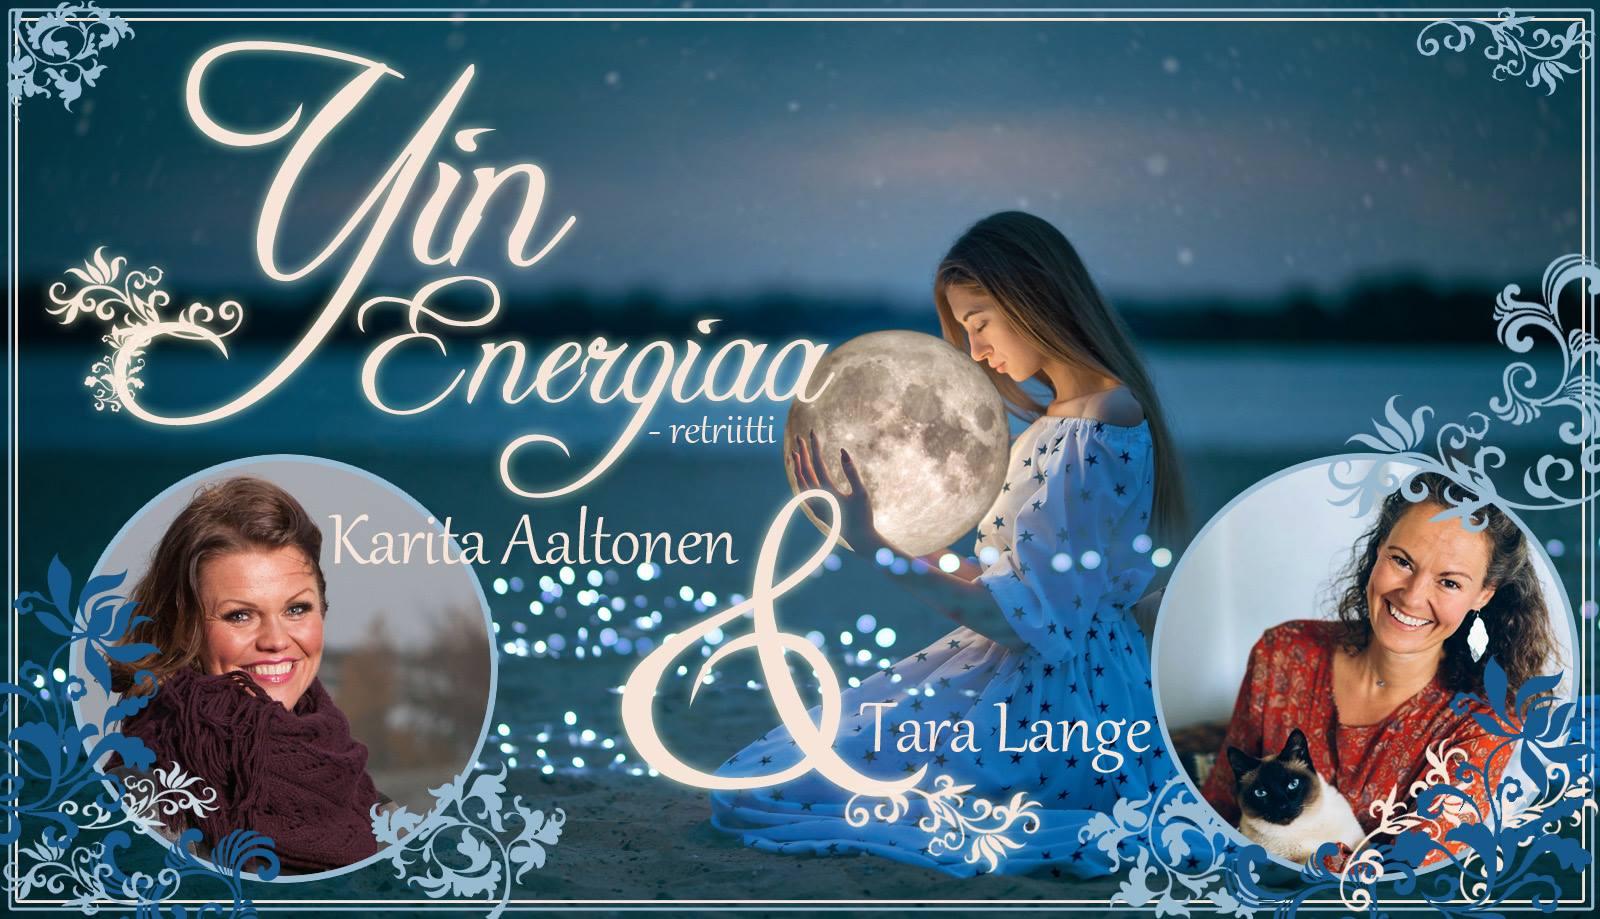 2019:9:yin-energiaa-tuomiston-kartanolla-tara-lange-karita-aaltonen.jpg